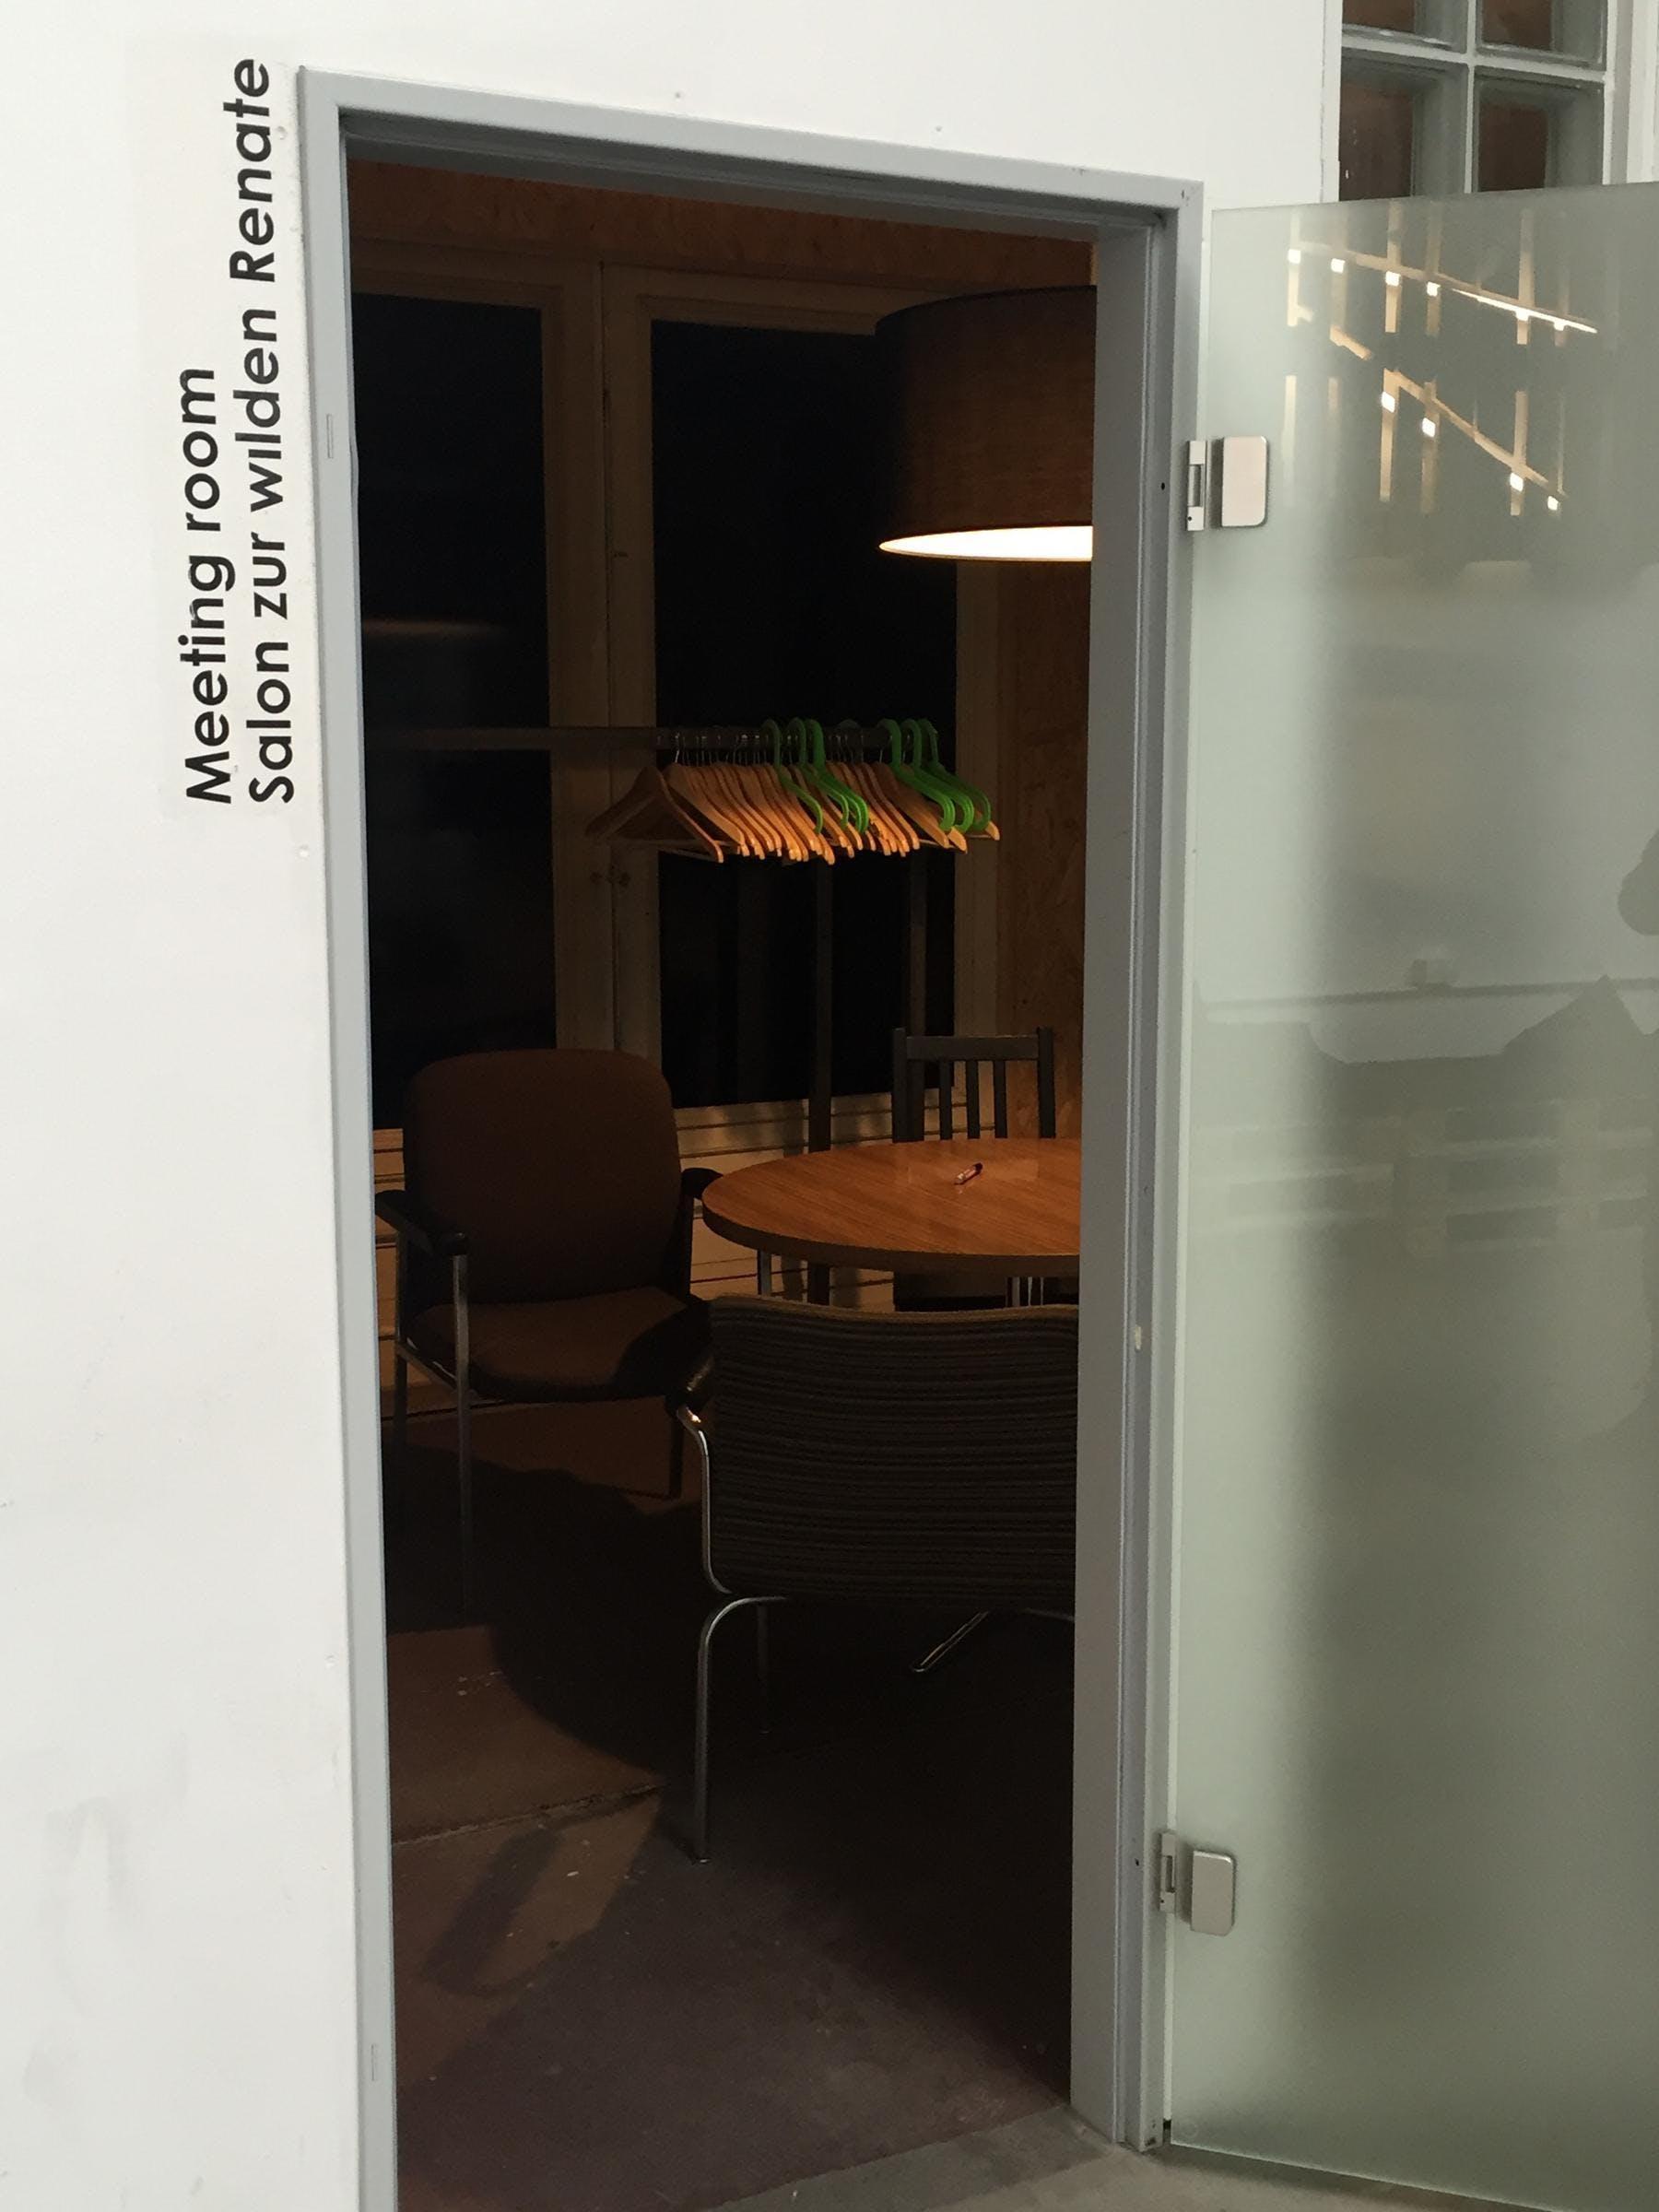 rainmaking_loft_meeting_room_renate1